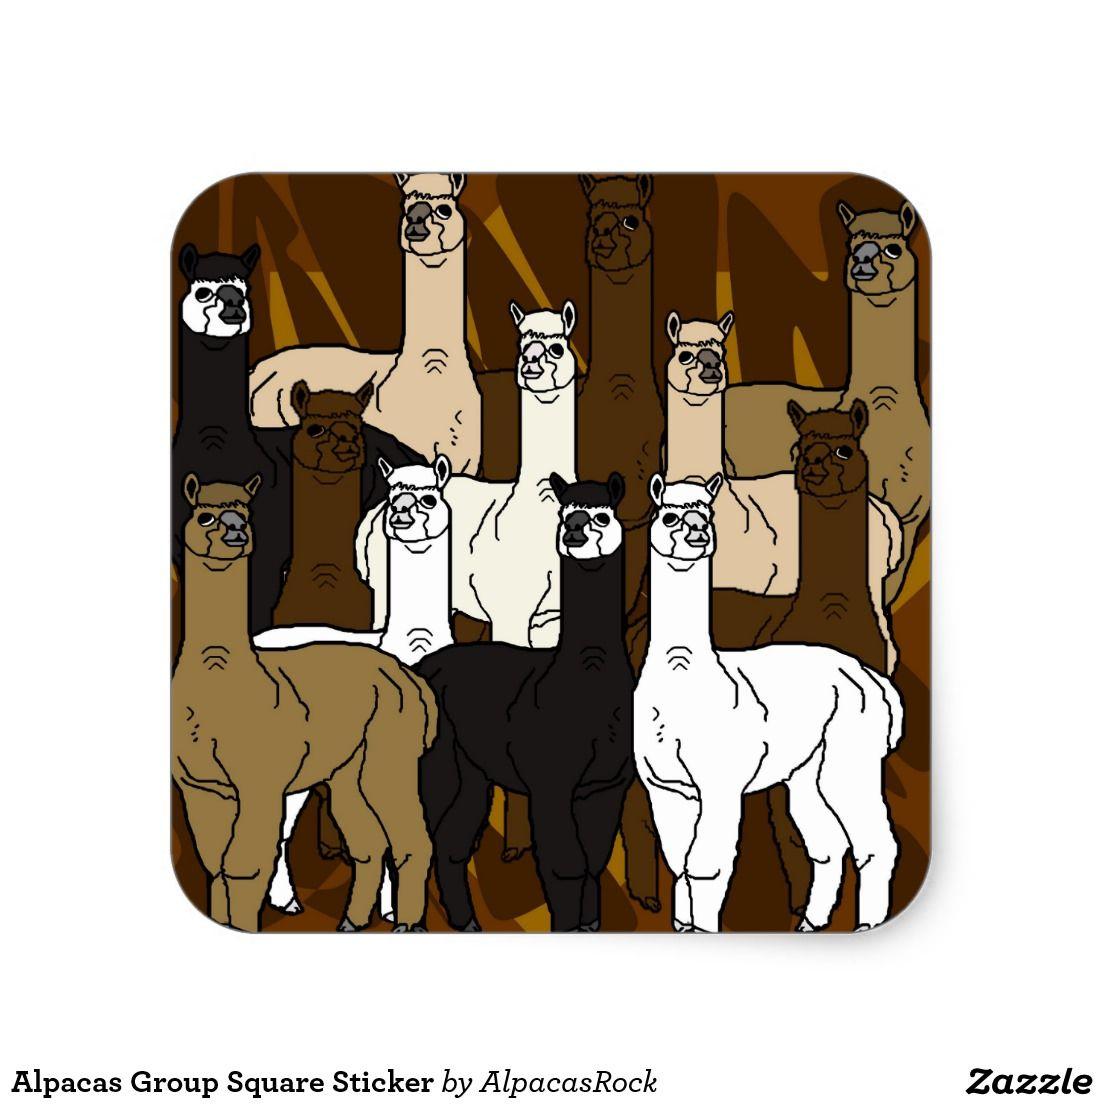 Alpacas group square sticker